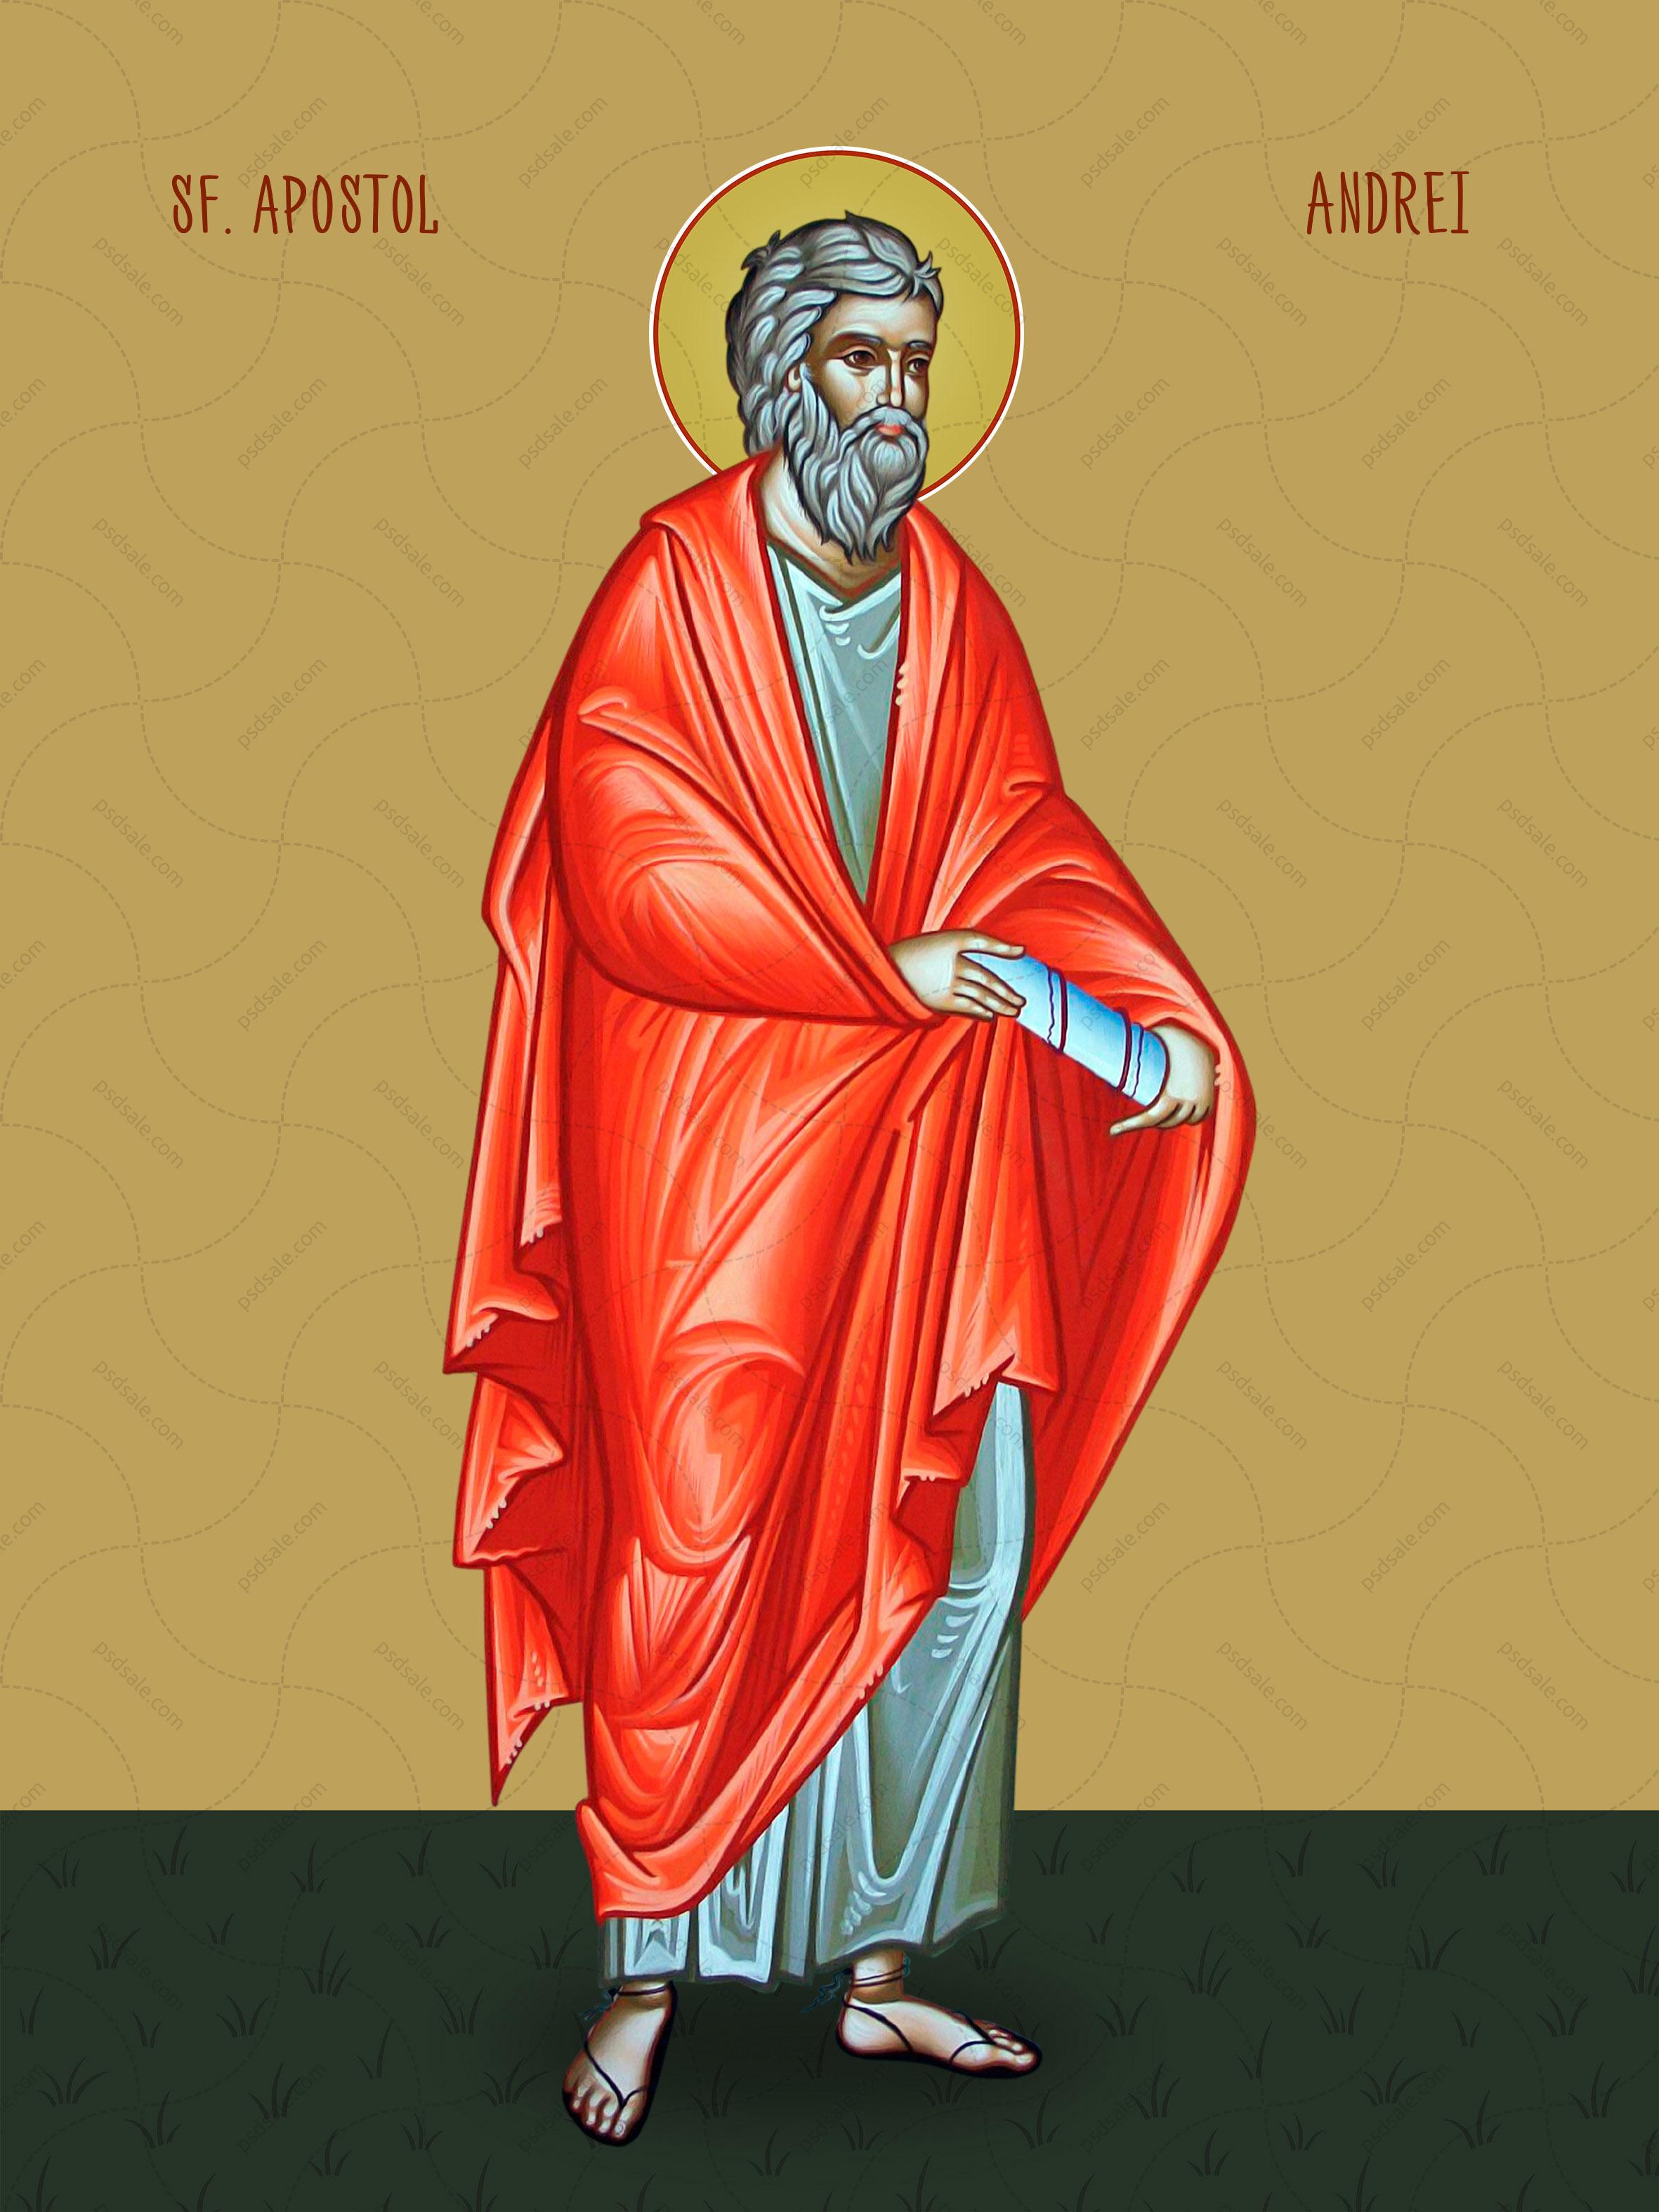 Андрей, апостол